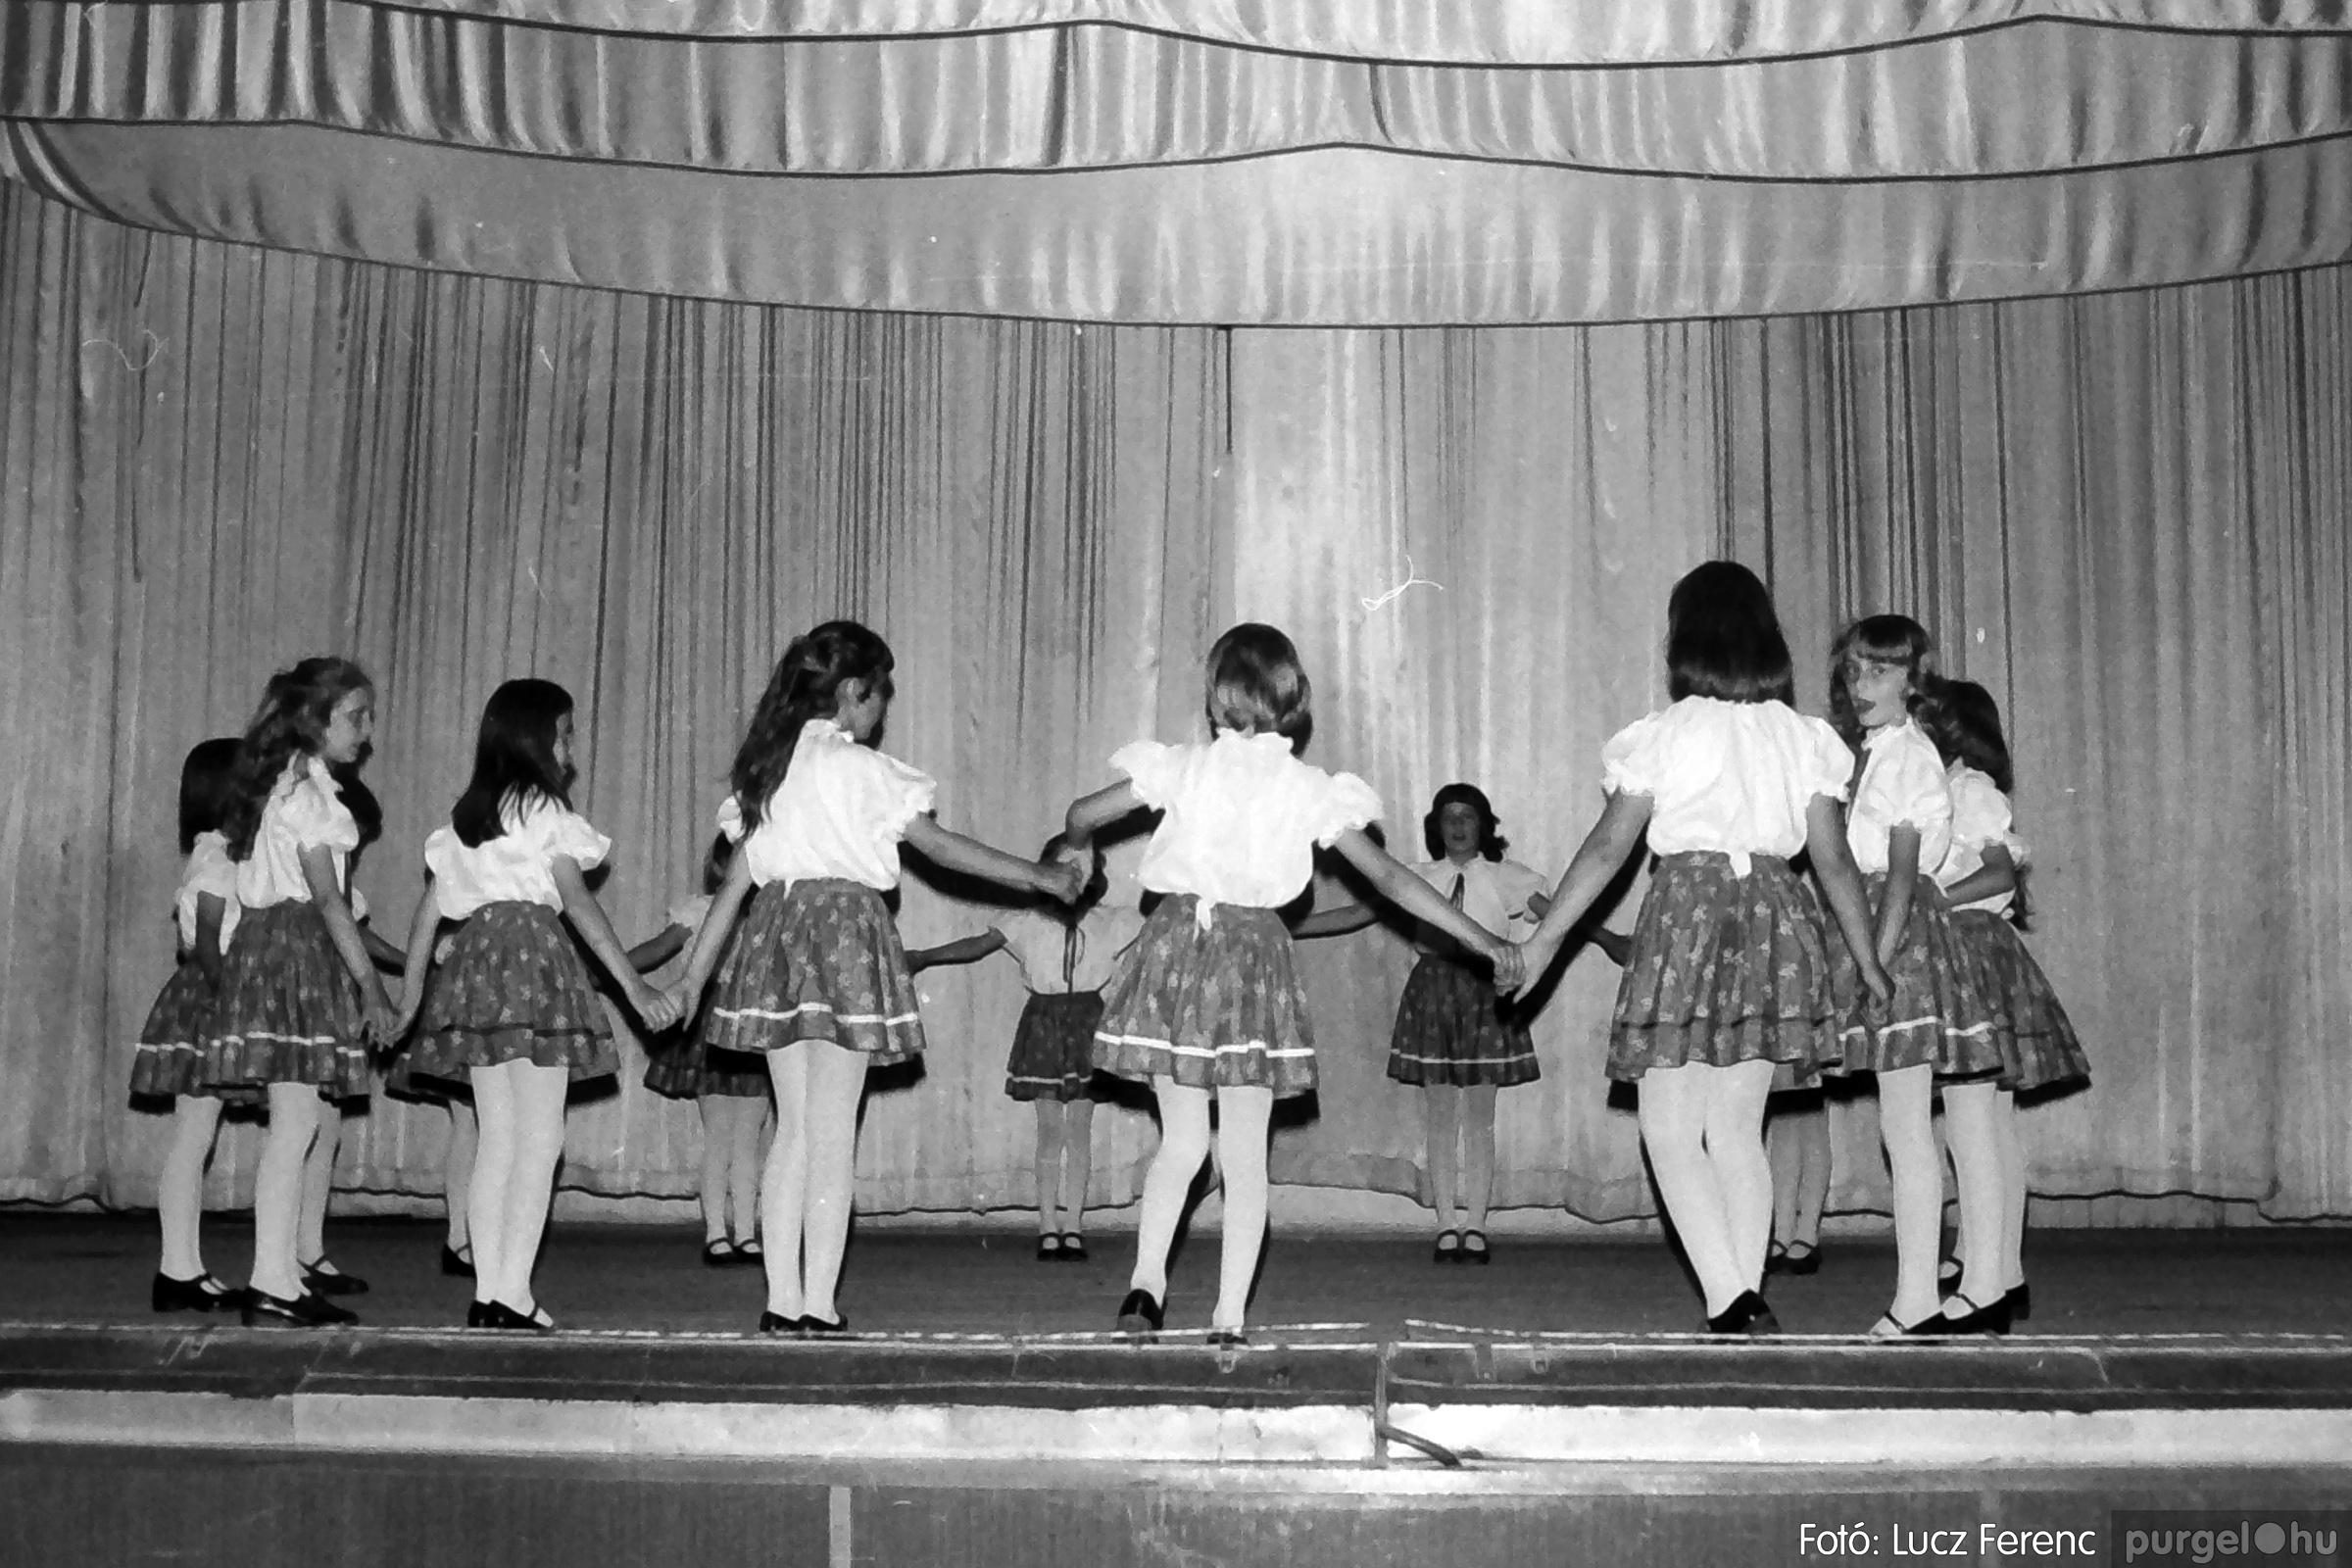 081. 1977. Néptáncosok fellépése a kultúrházban 013. - Fotó: Lucz Ferenc.jpg